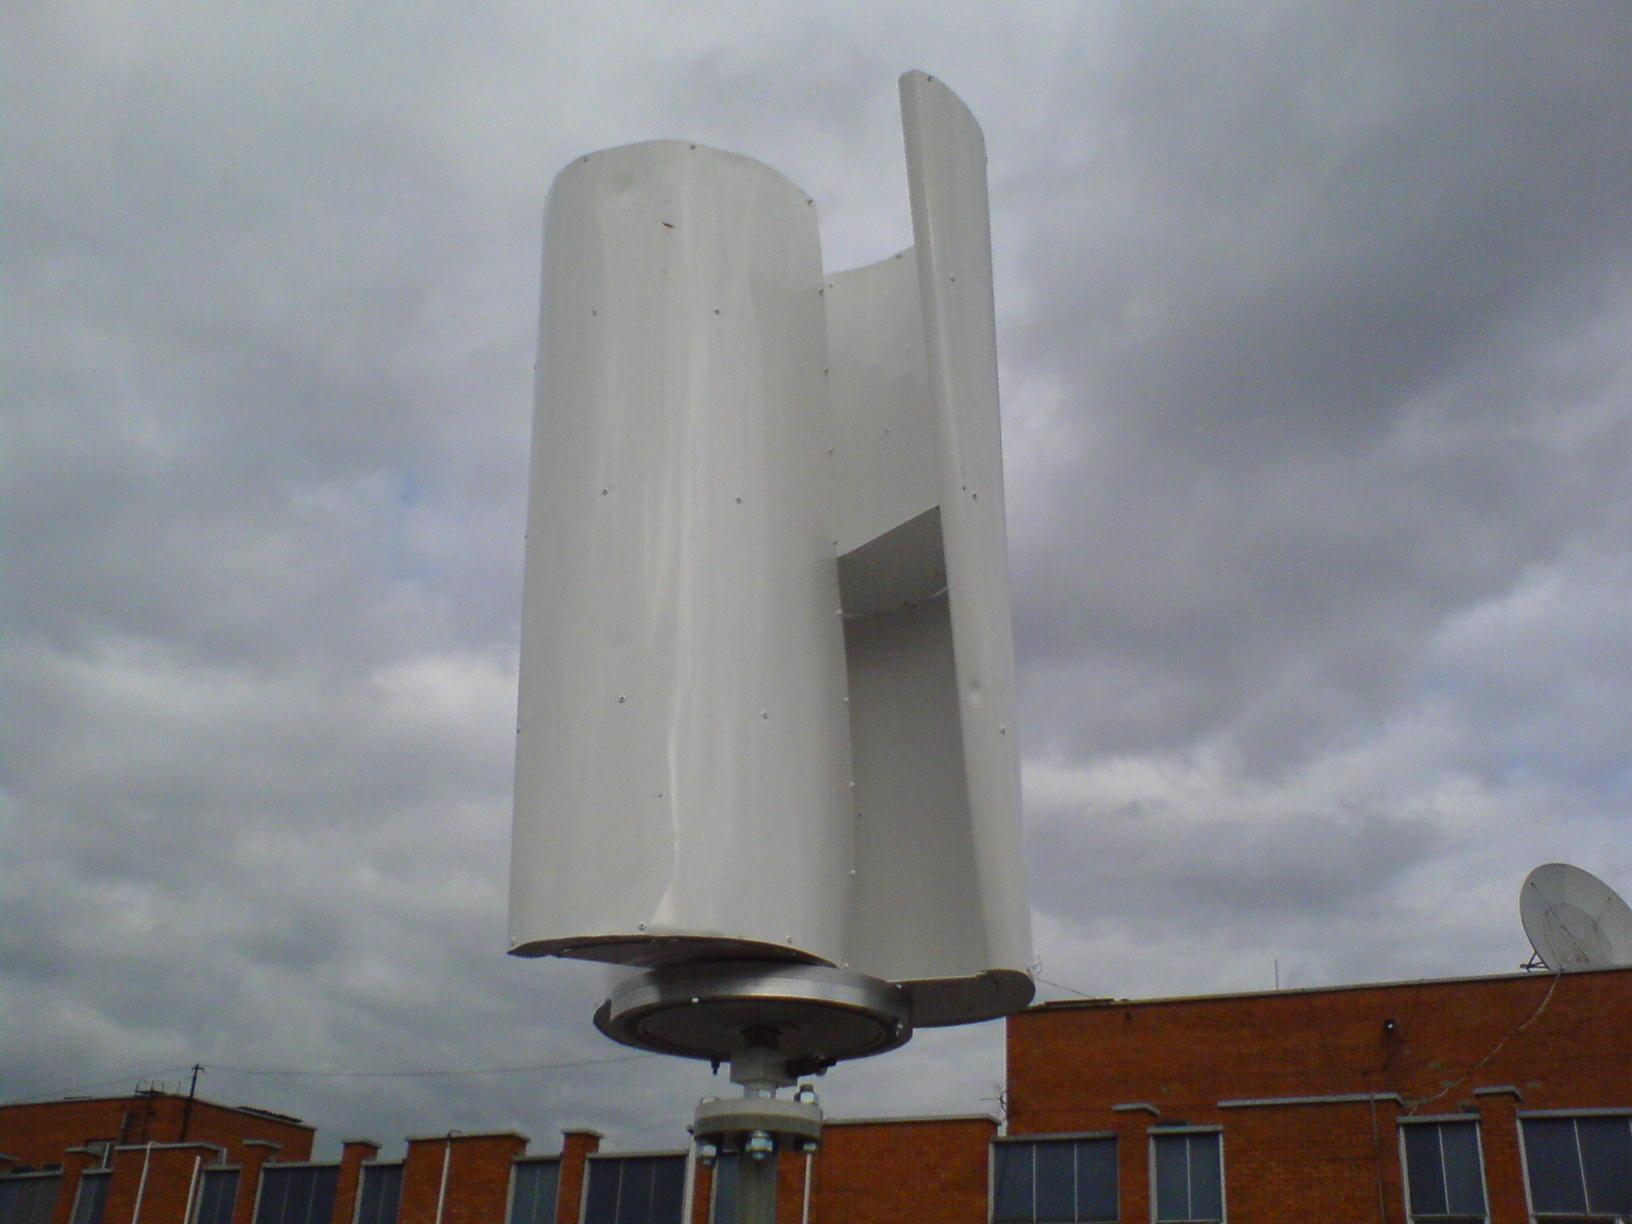 Роторный ветрогенератор своими руками: чертежи, схемы, инструкция по сборке.